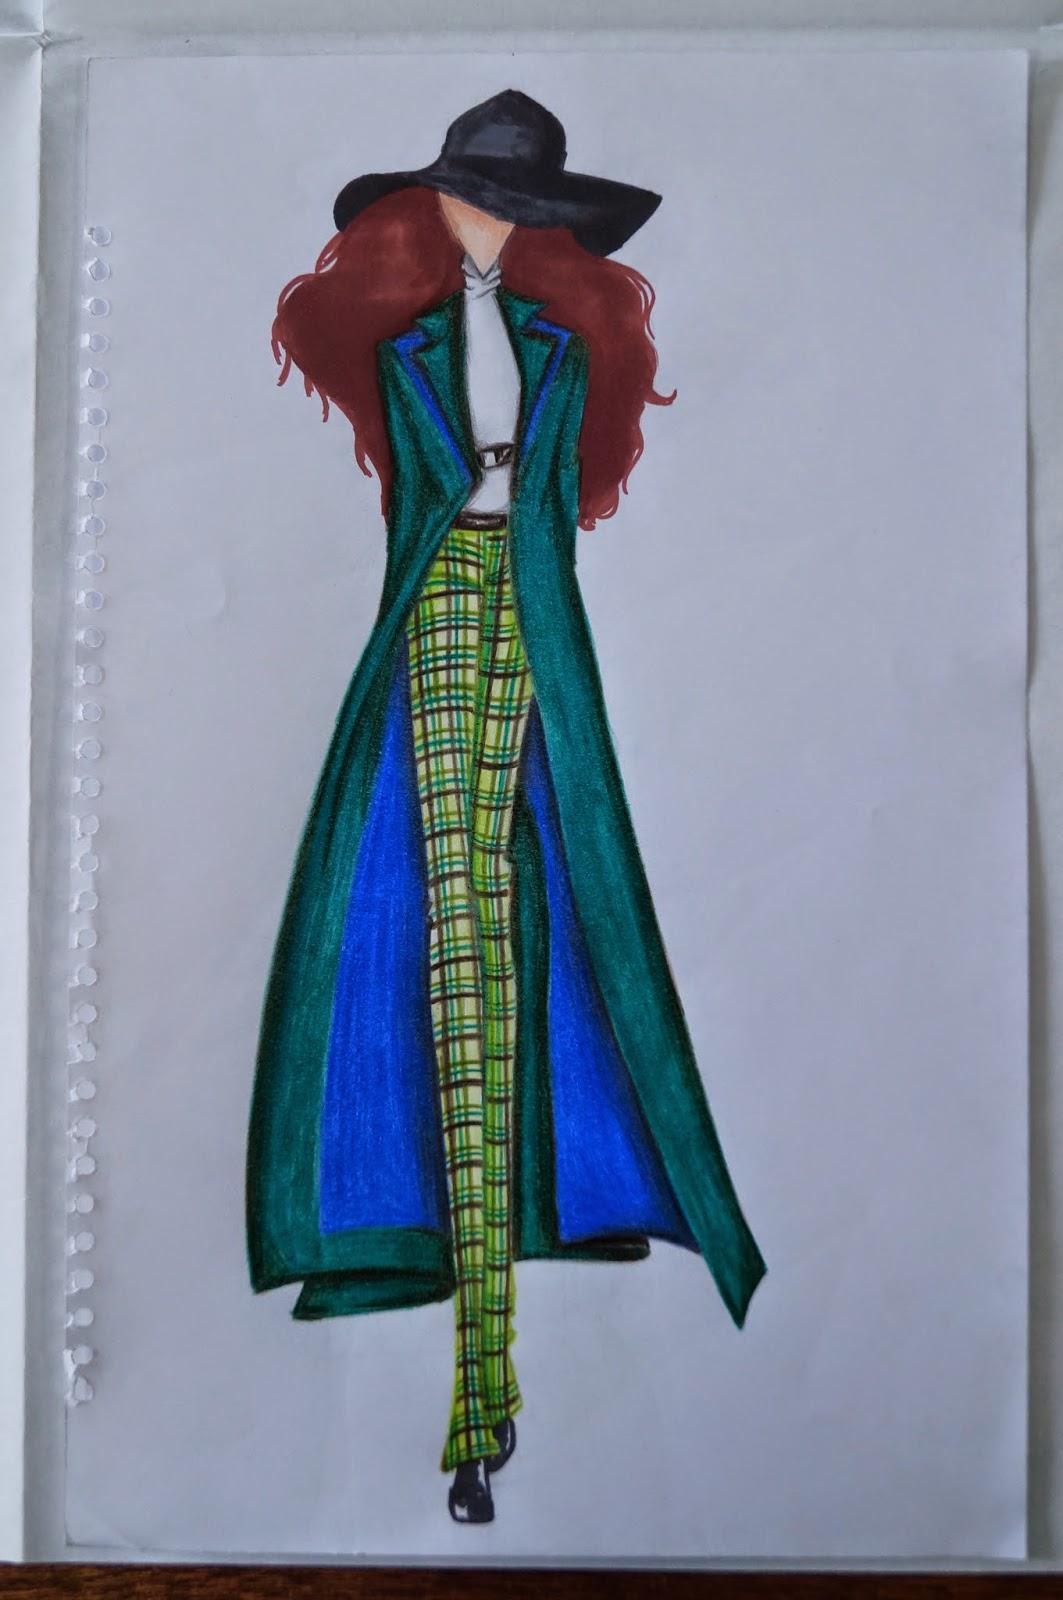 Escuela de dise o de modas alessandra farelli dibujo de modas for Dibujos de disenos de moda